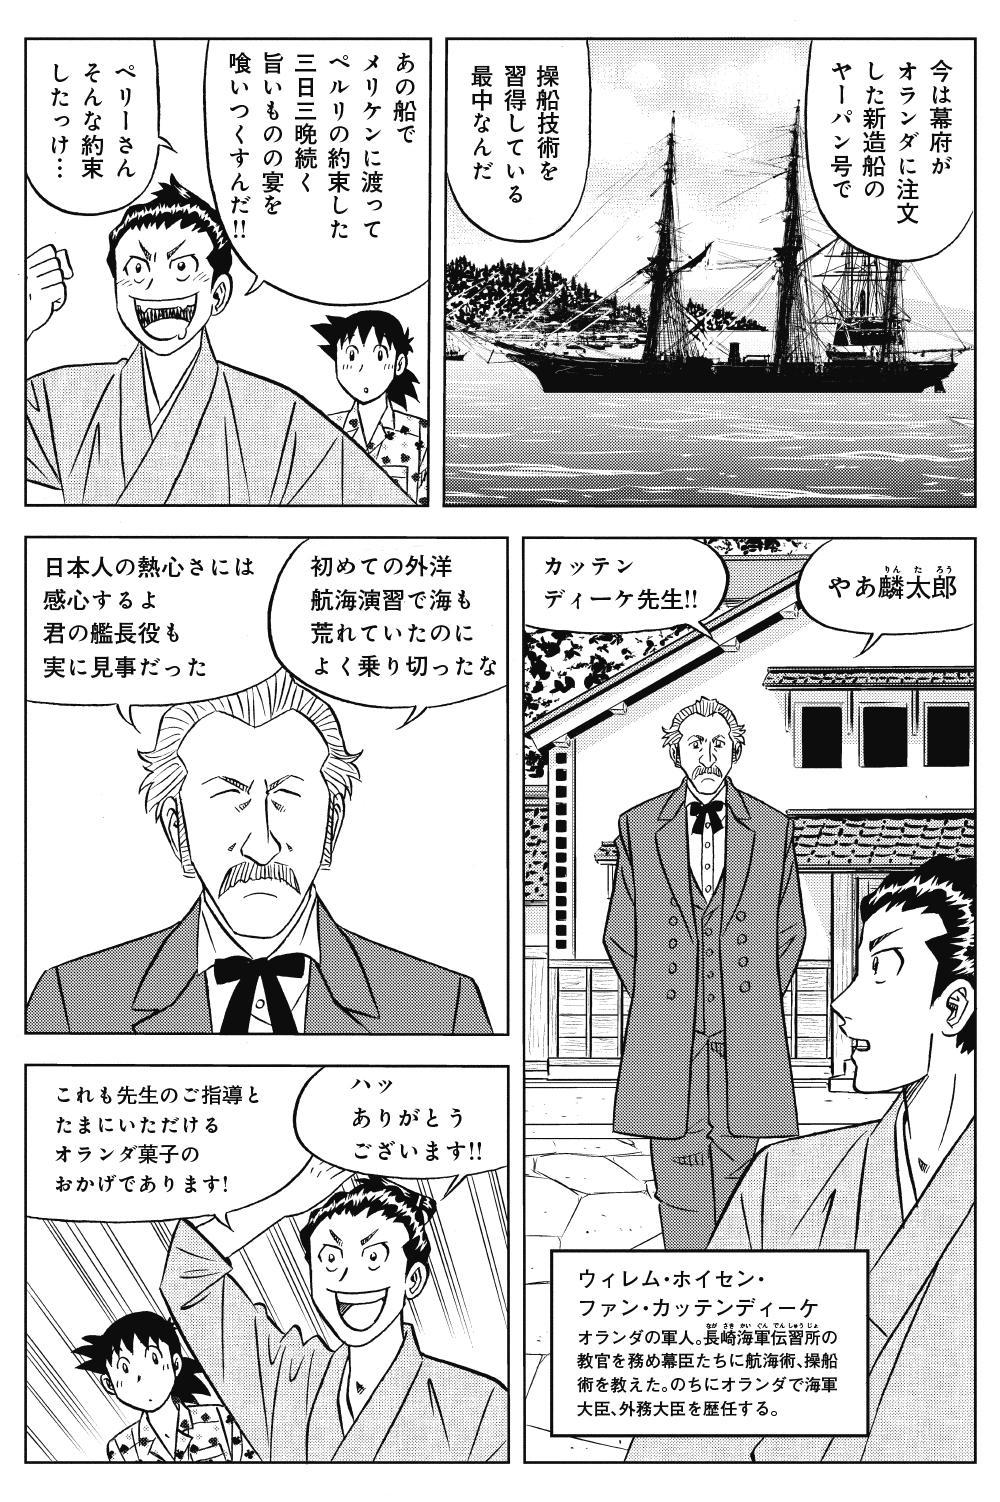 ミスター味っ子 幕末編 第2話「列強襲来」①ajikko2-1-4.jpg